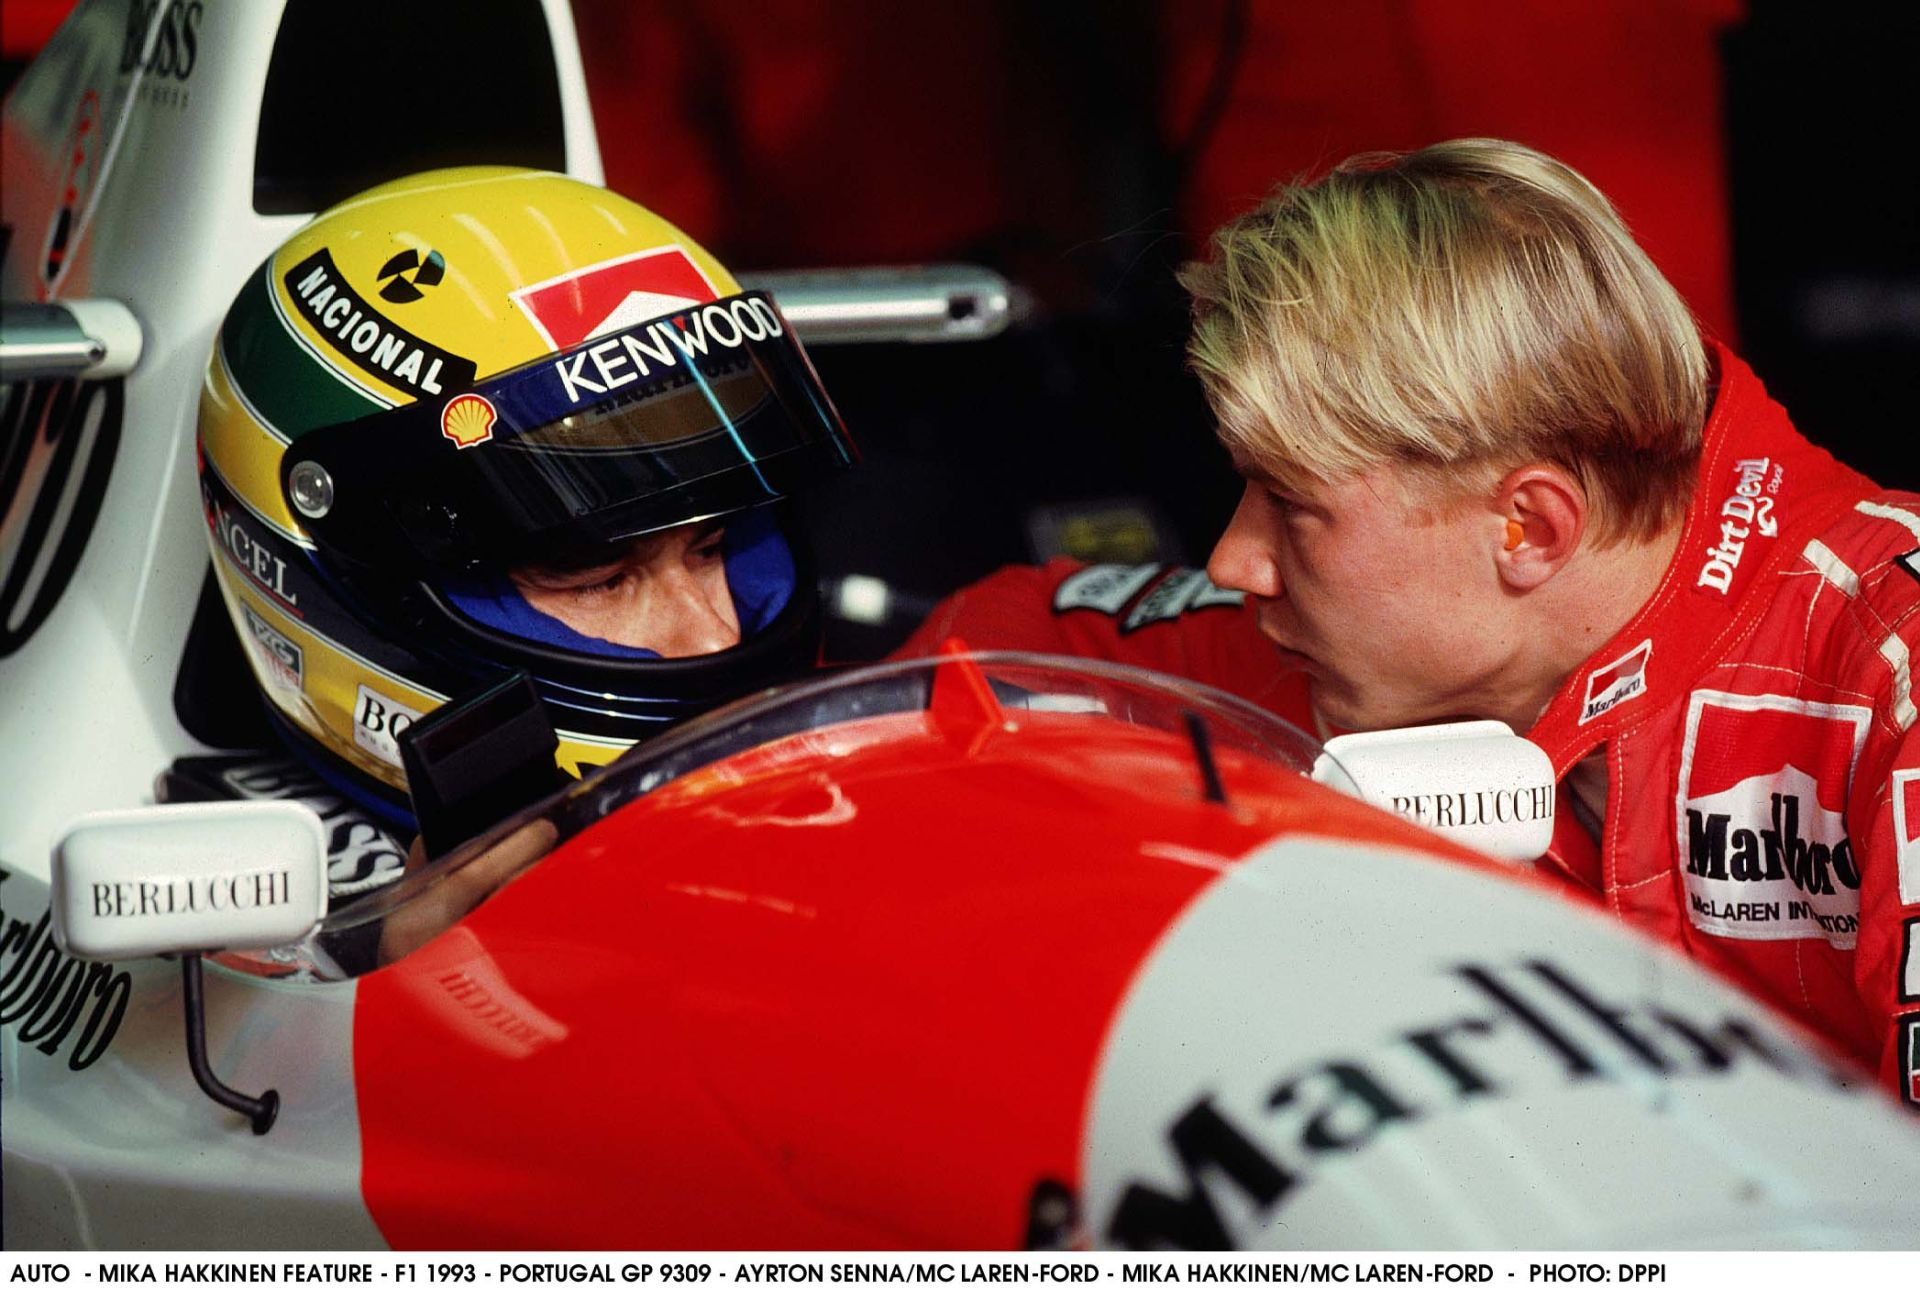 Todt számára igenis érnek valamit a szerződések, ezért nem lett Senna a Ferrari versenyzője